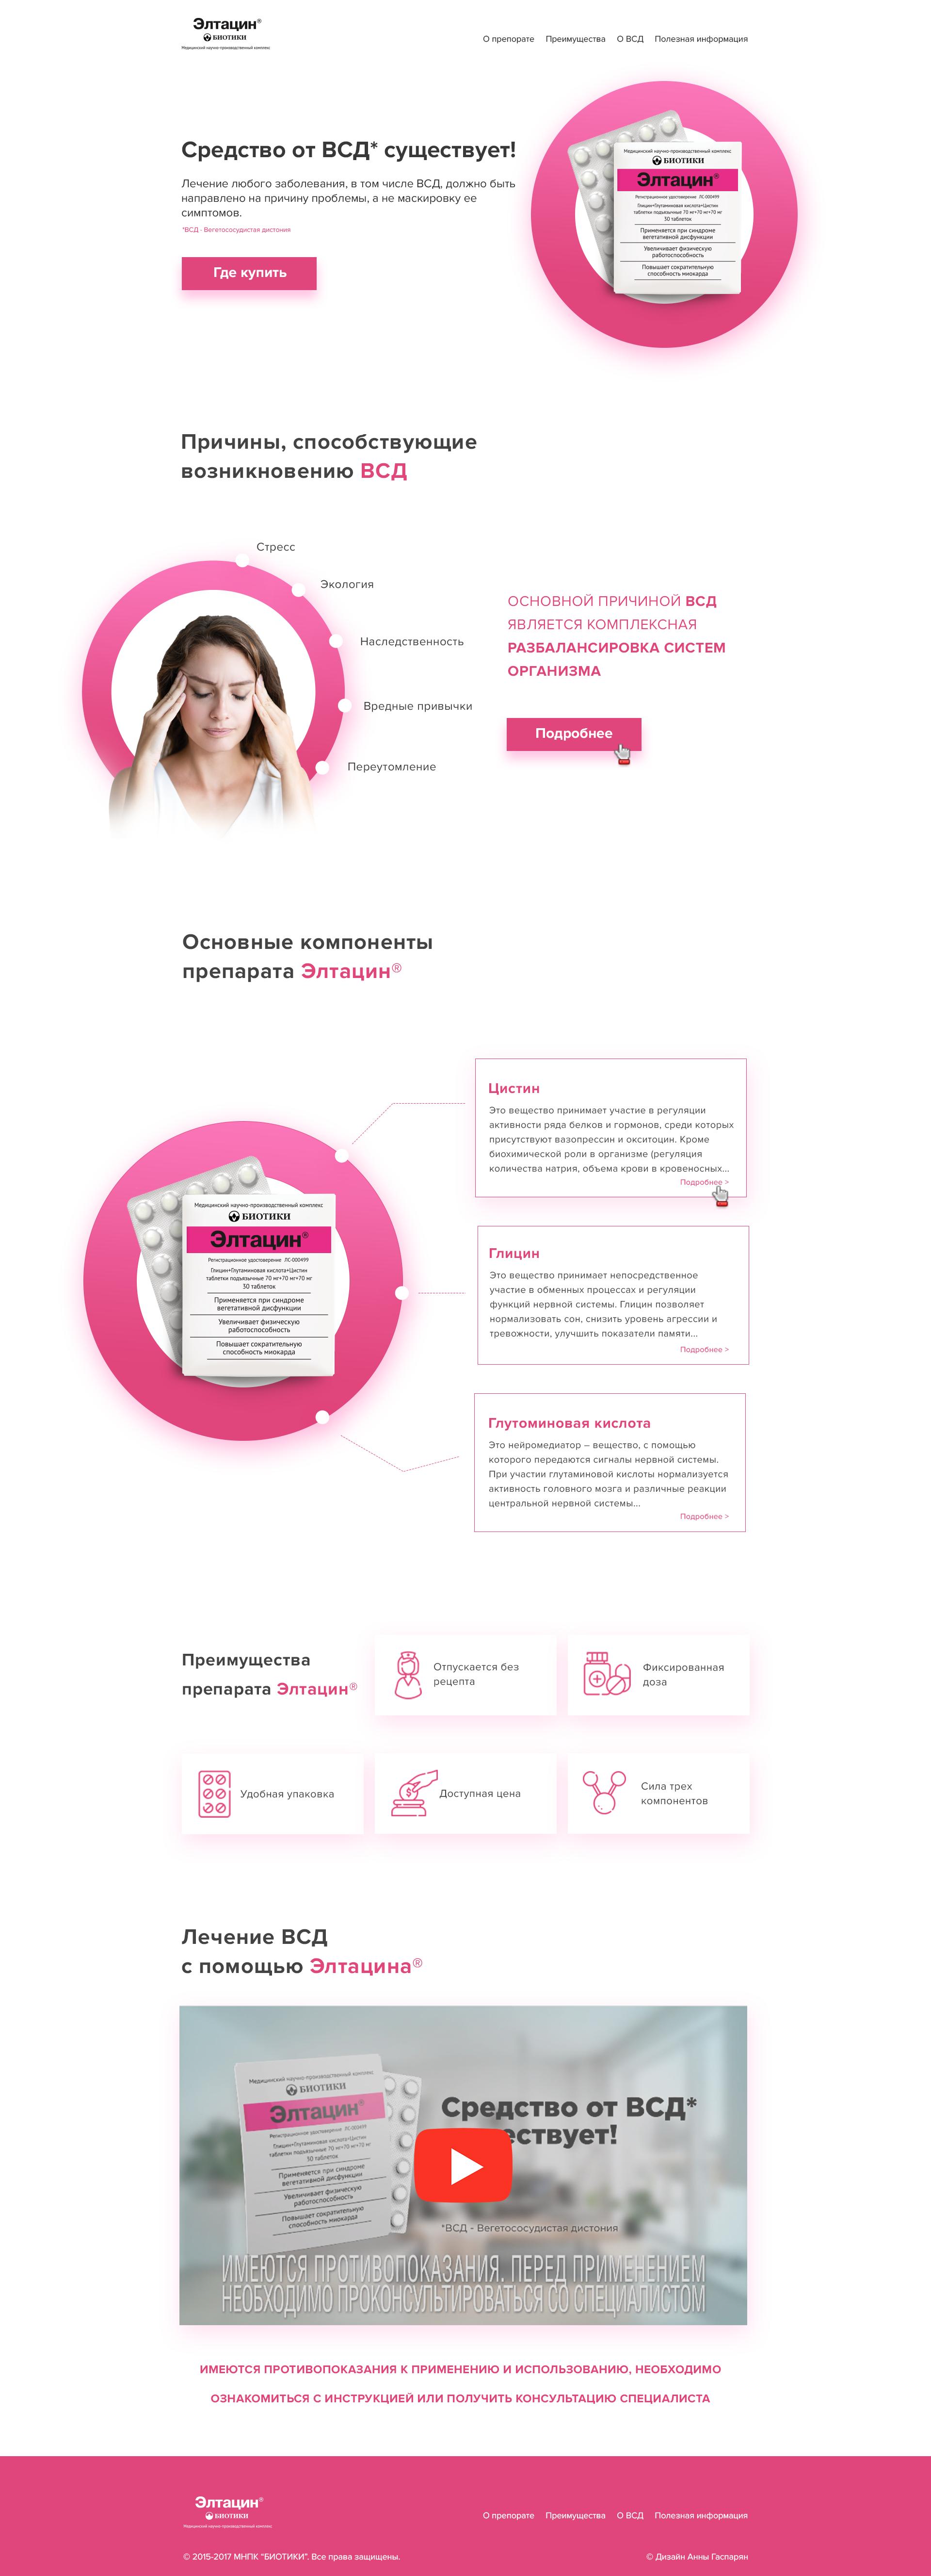 Дизайн главной страницы сайта лекарственного препарата фото f_3545c93635b99340.png